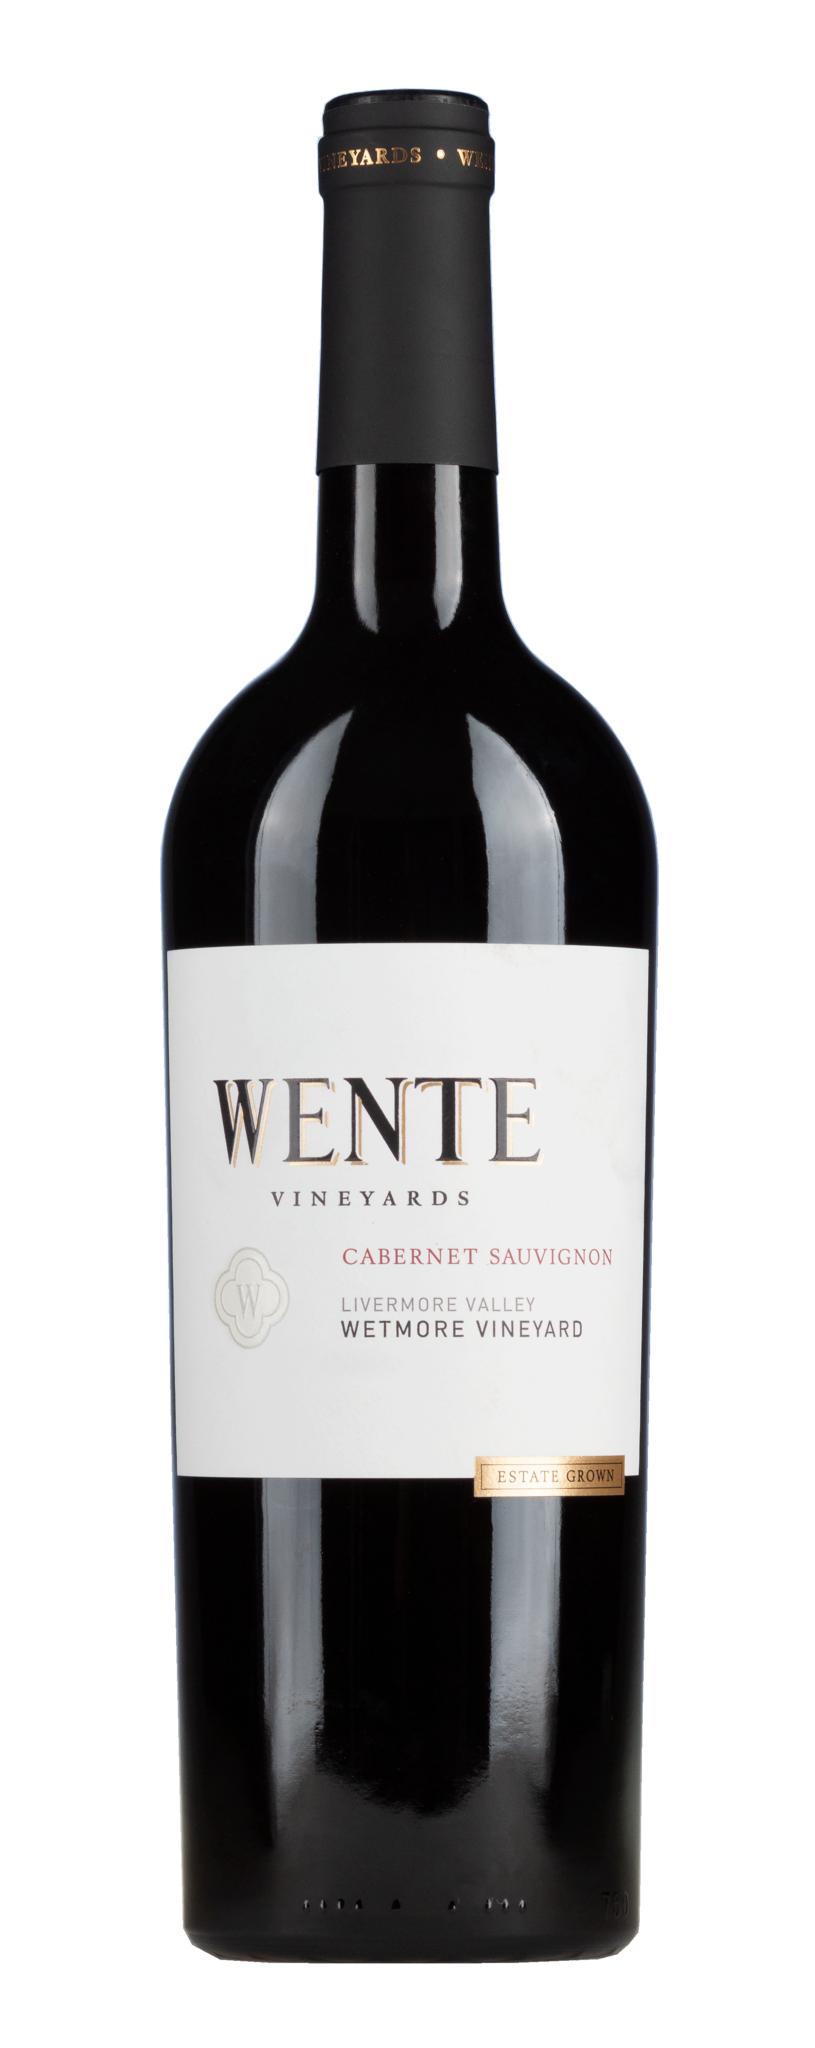 Wente Vineyards, Kalifornien 2018 Cabernet Sauvignon Wetmore Vineyard, Wente, Kalifornien